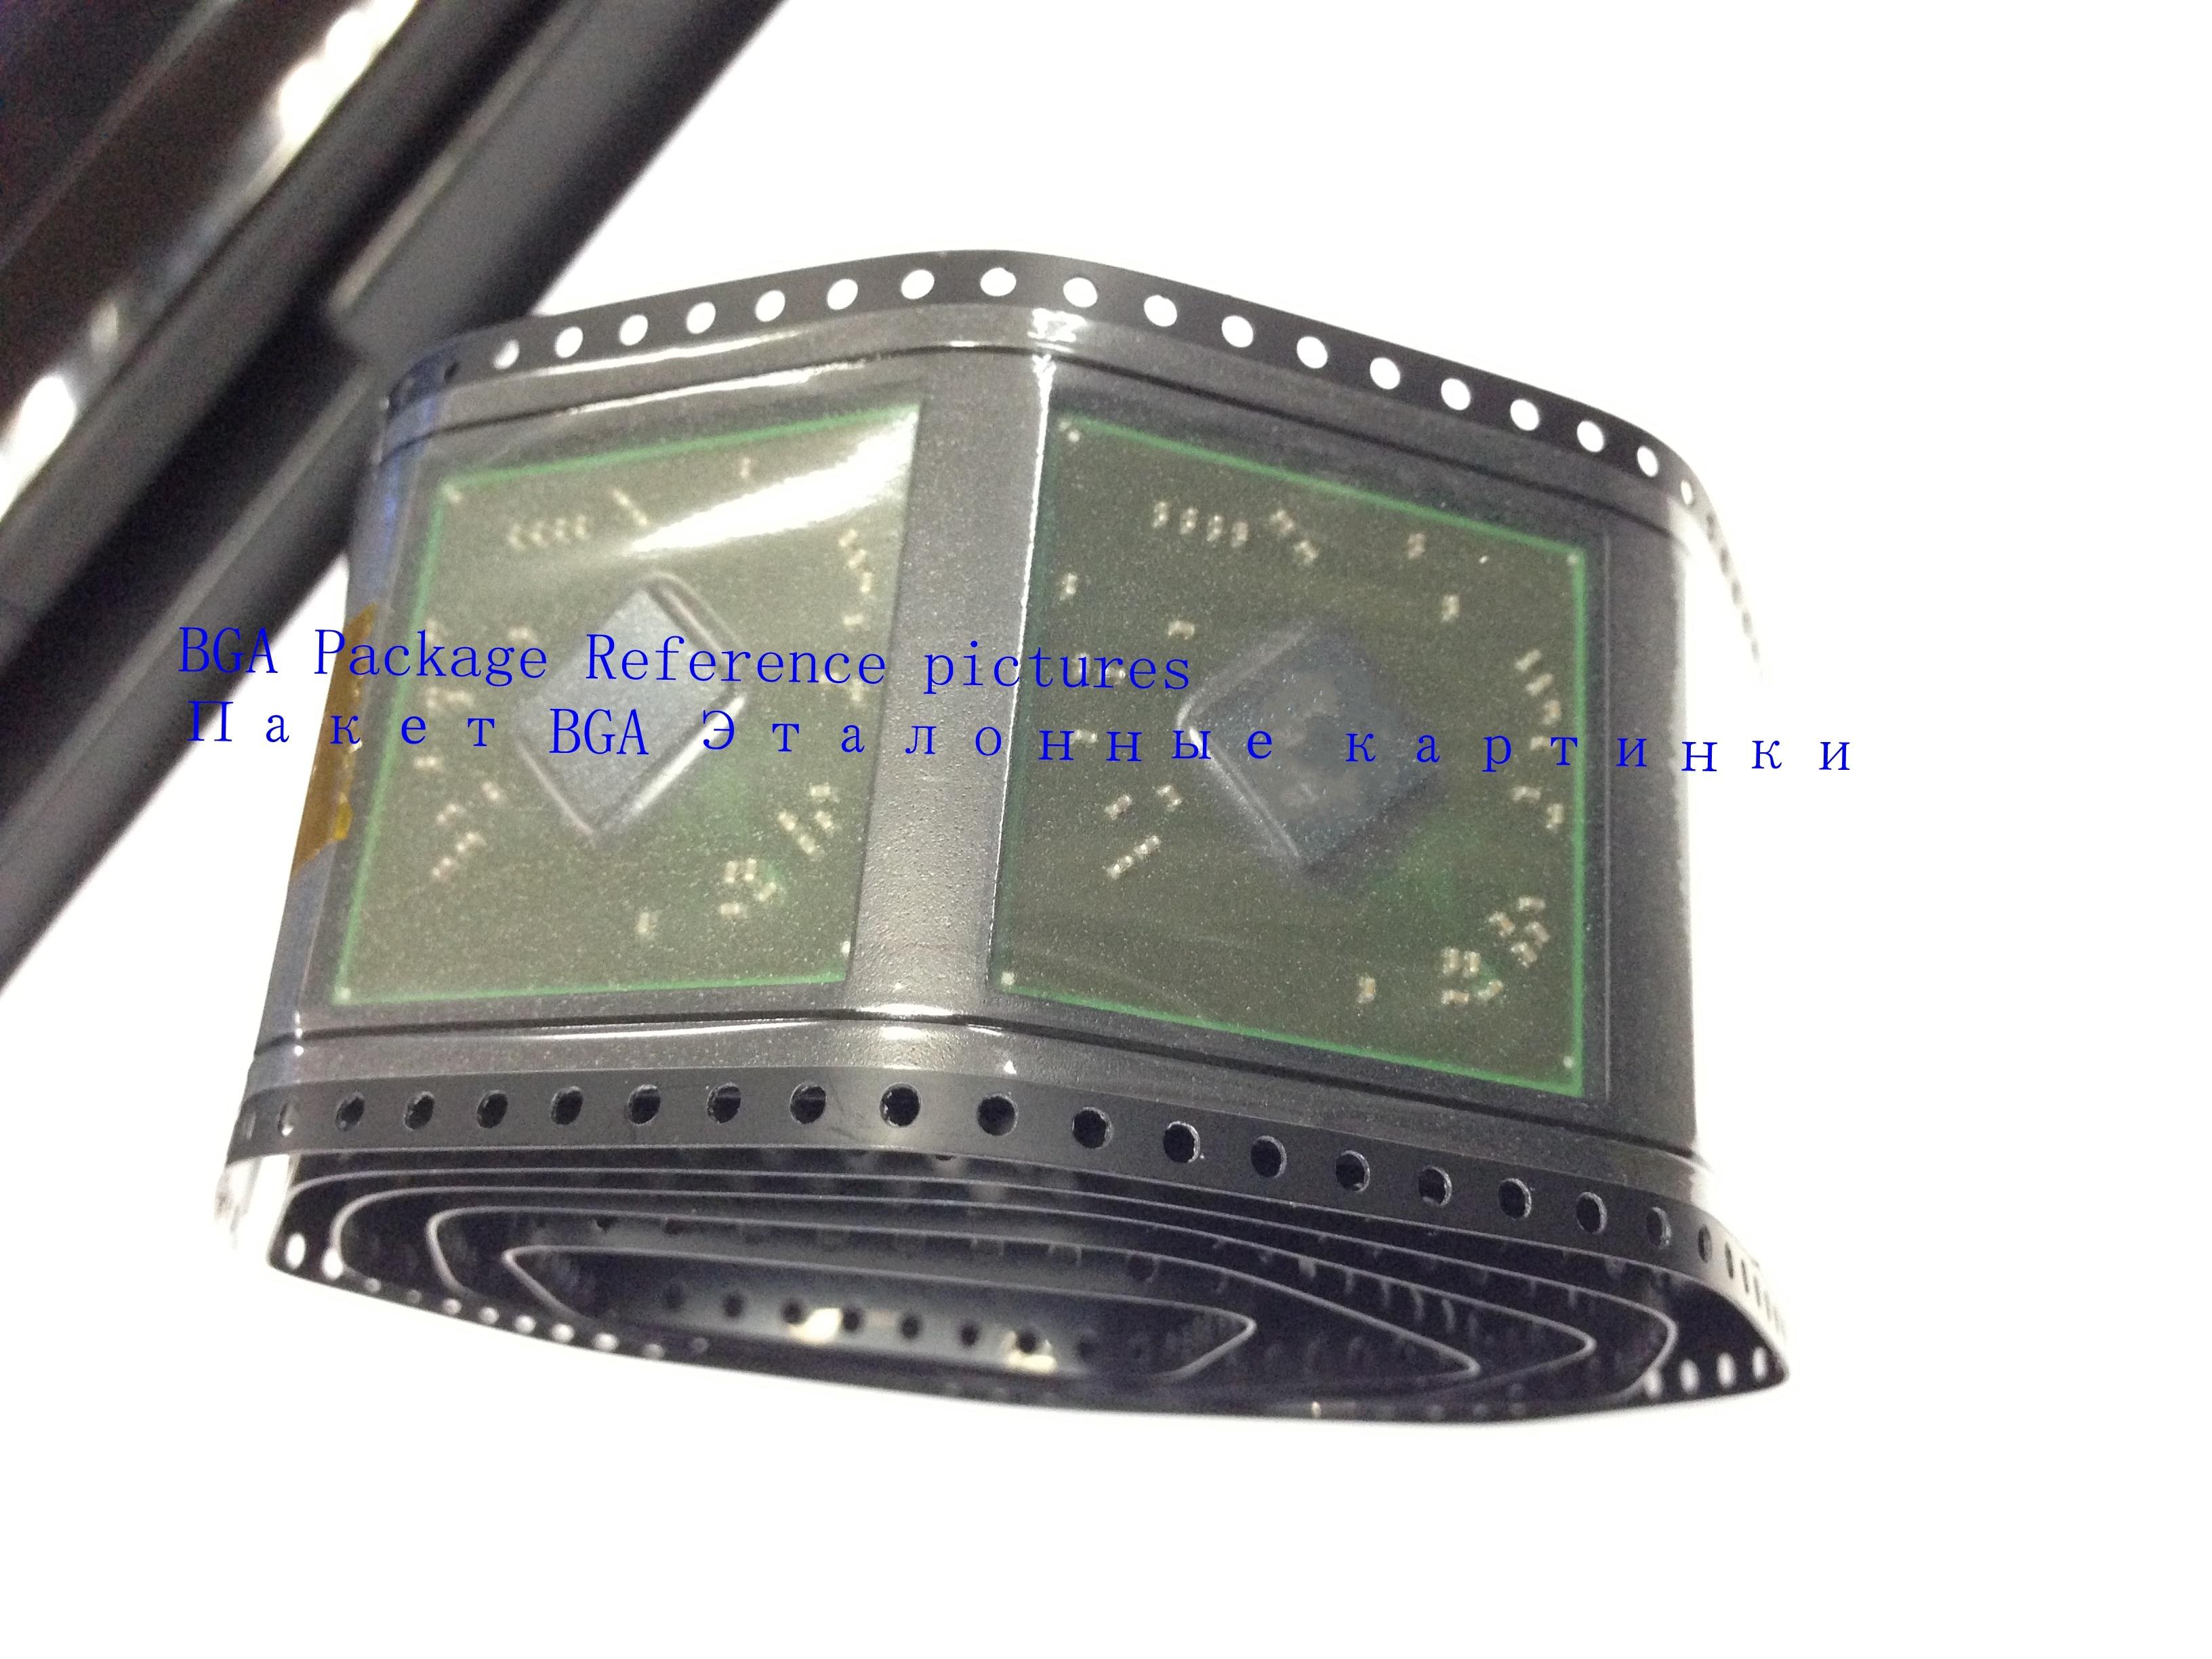 1pcs/lot 100% New MSD308PX-LF-Z1 MSD308PX LF Z1 BGA Chipset1pcs/lot 100% New MSD308PX-LF-Z1 MSD308PX LF Z1 BGA Chipset